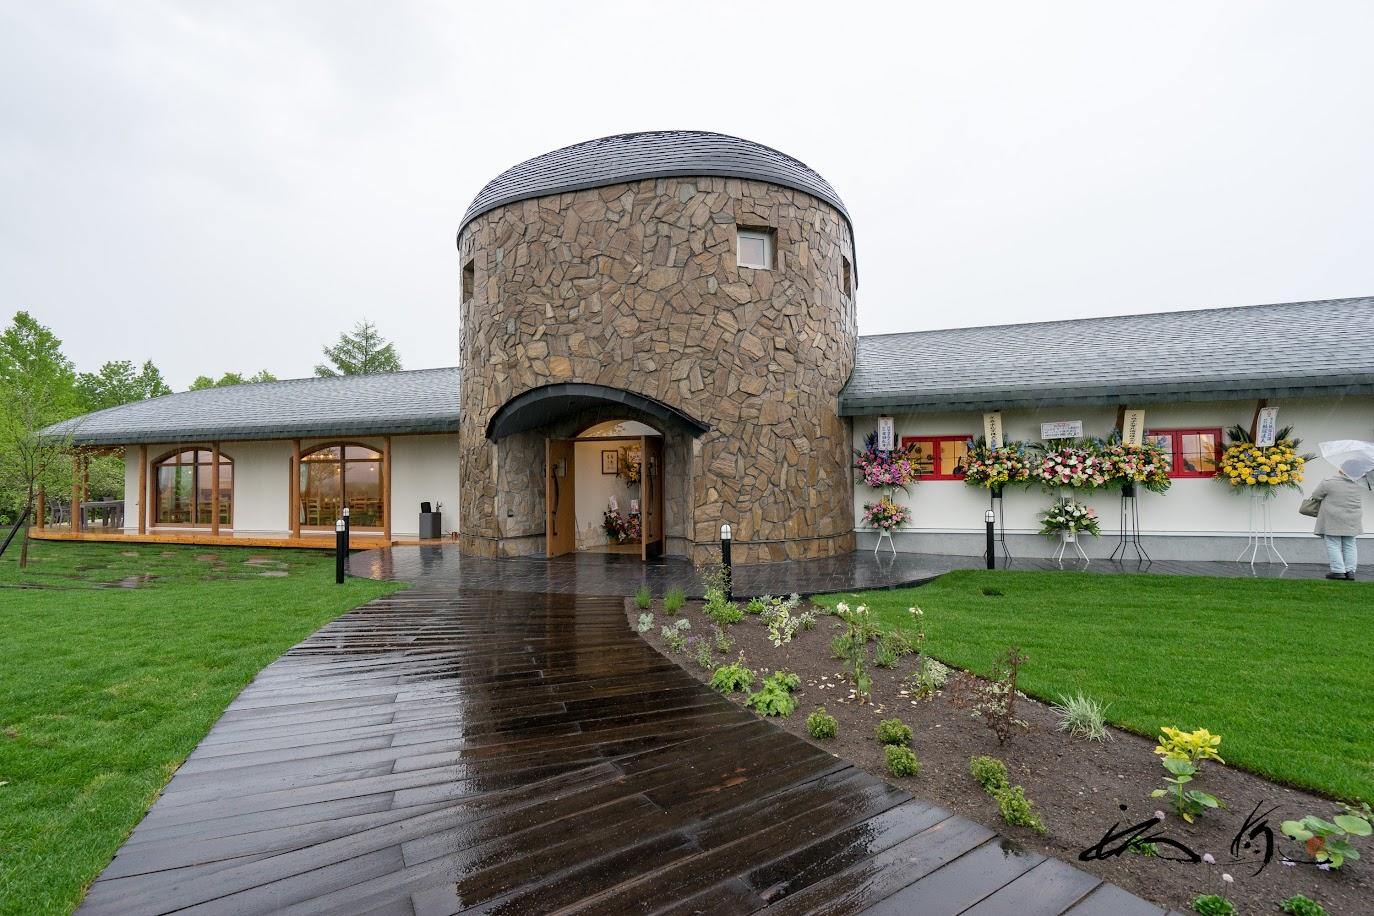 印象的な石焼き窯のようなドーム型建築